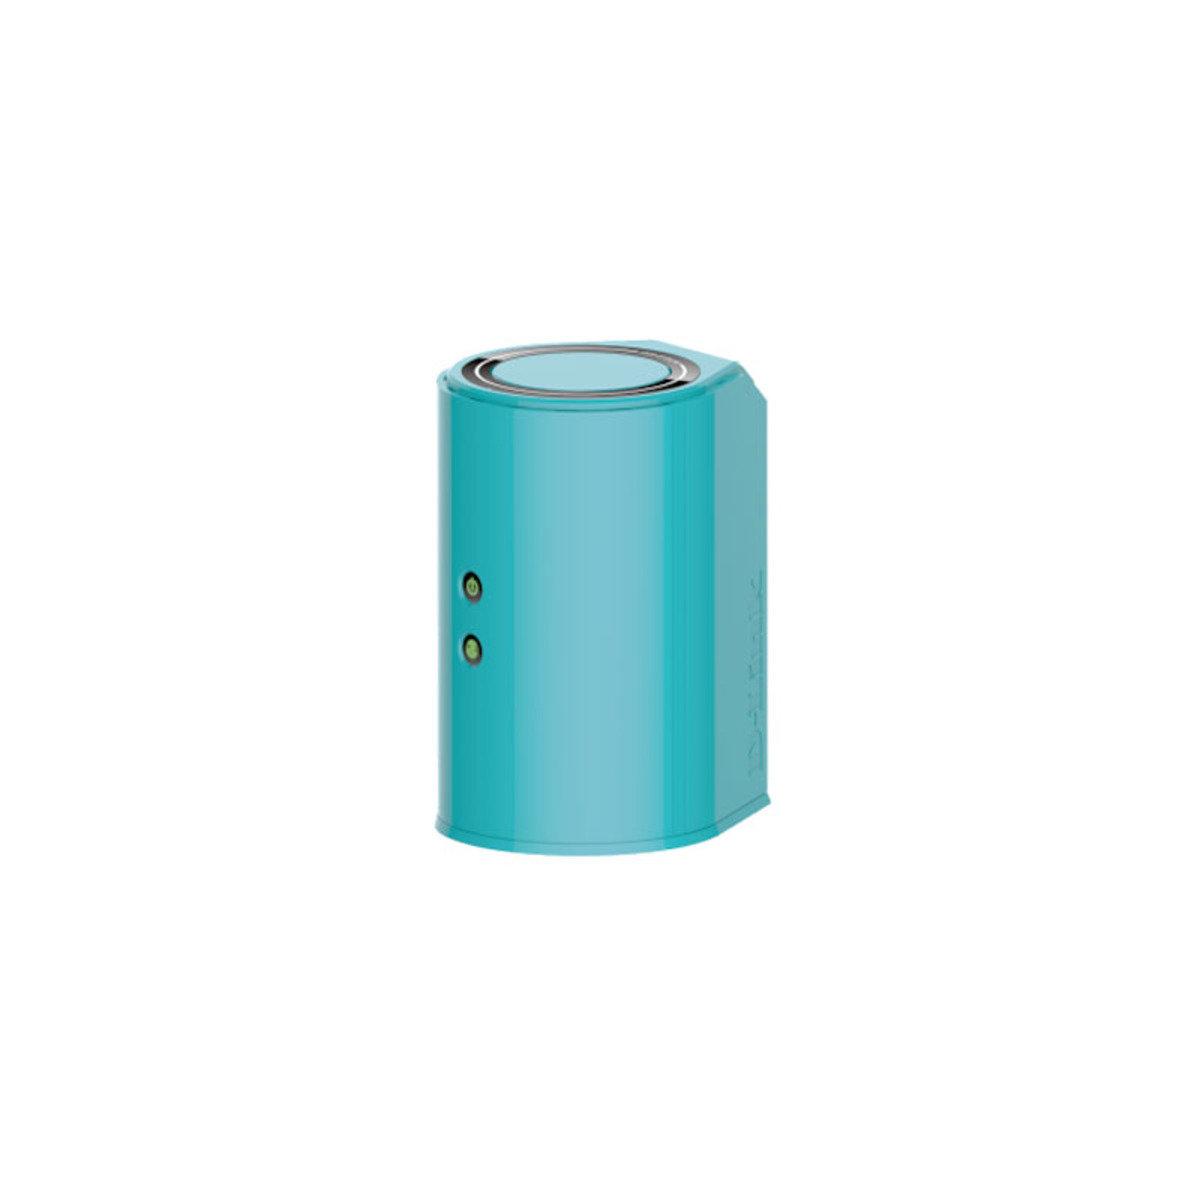 AC750 雙頻無線直立式路由器 DIR818LB Blue